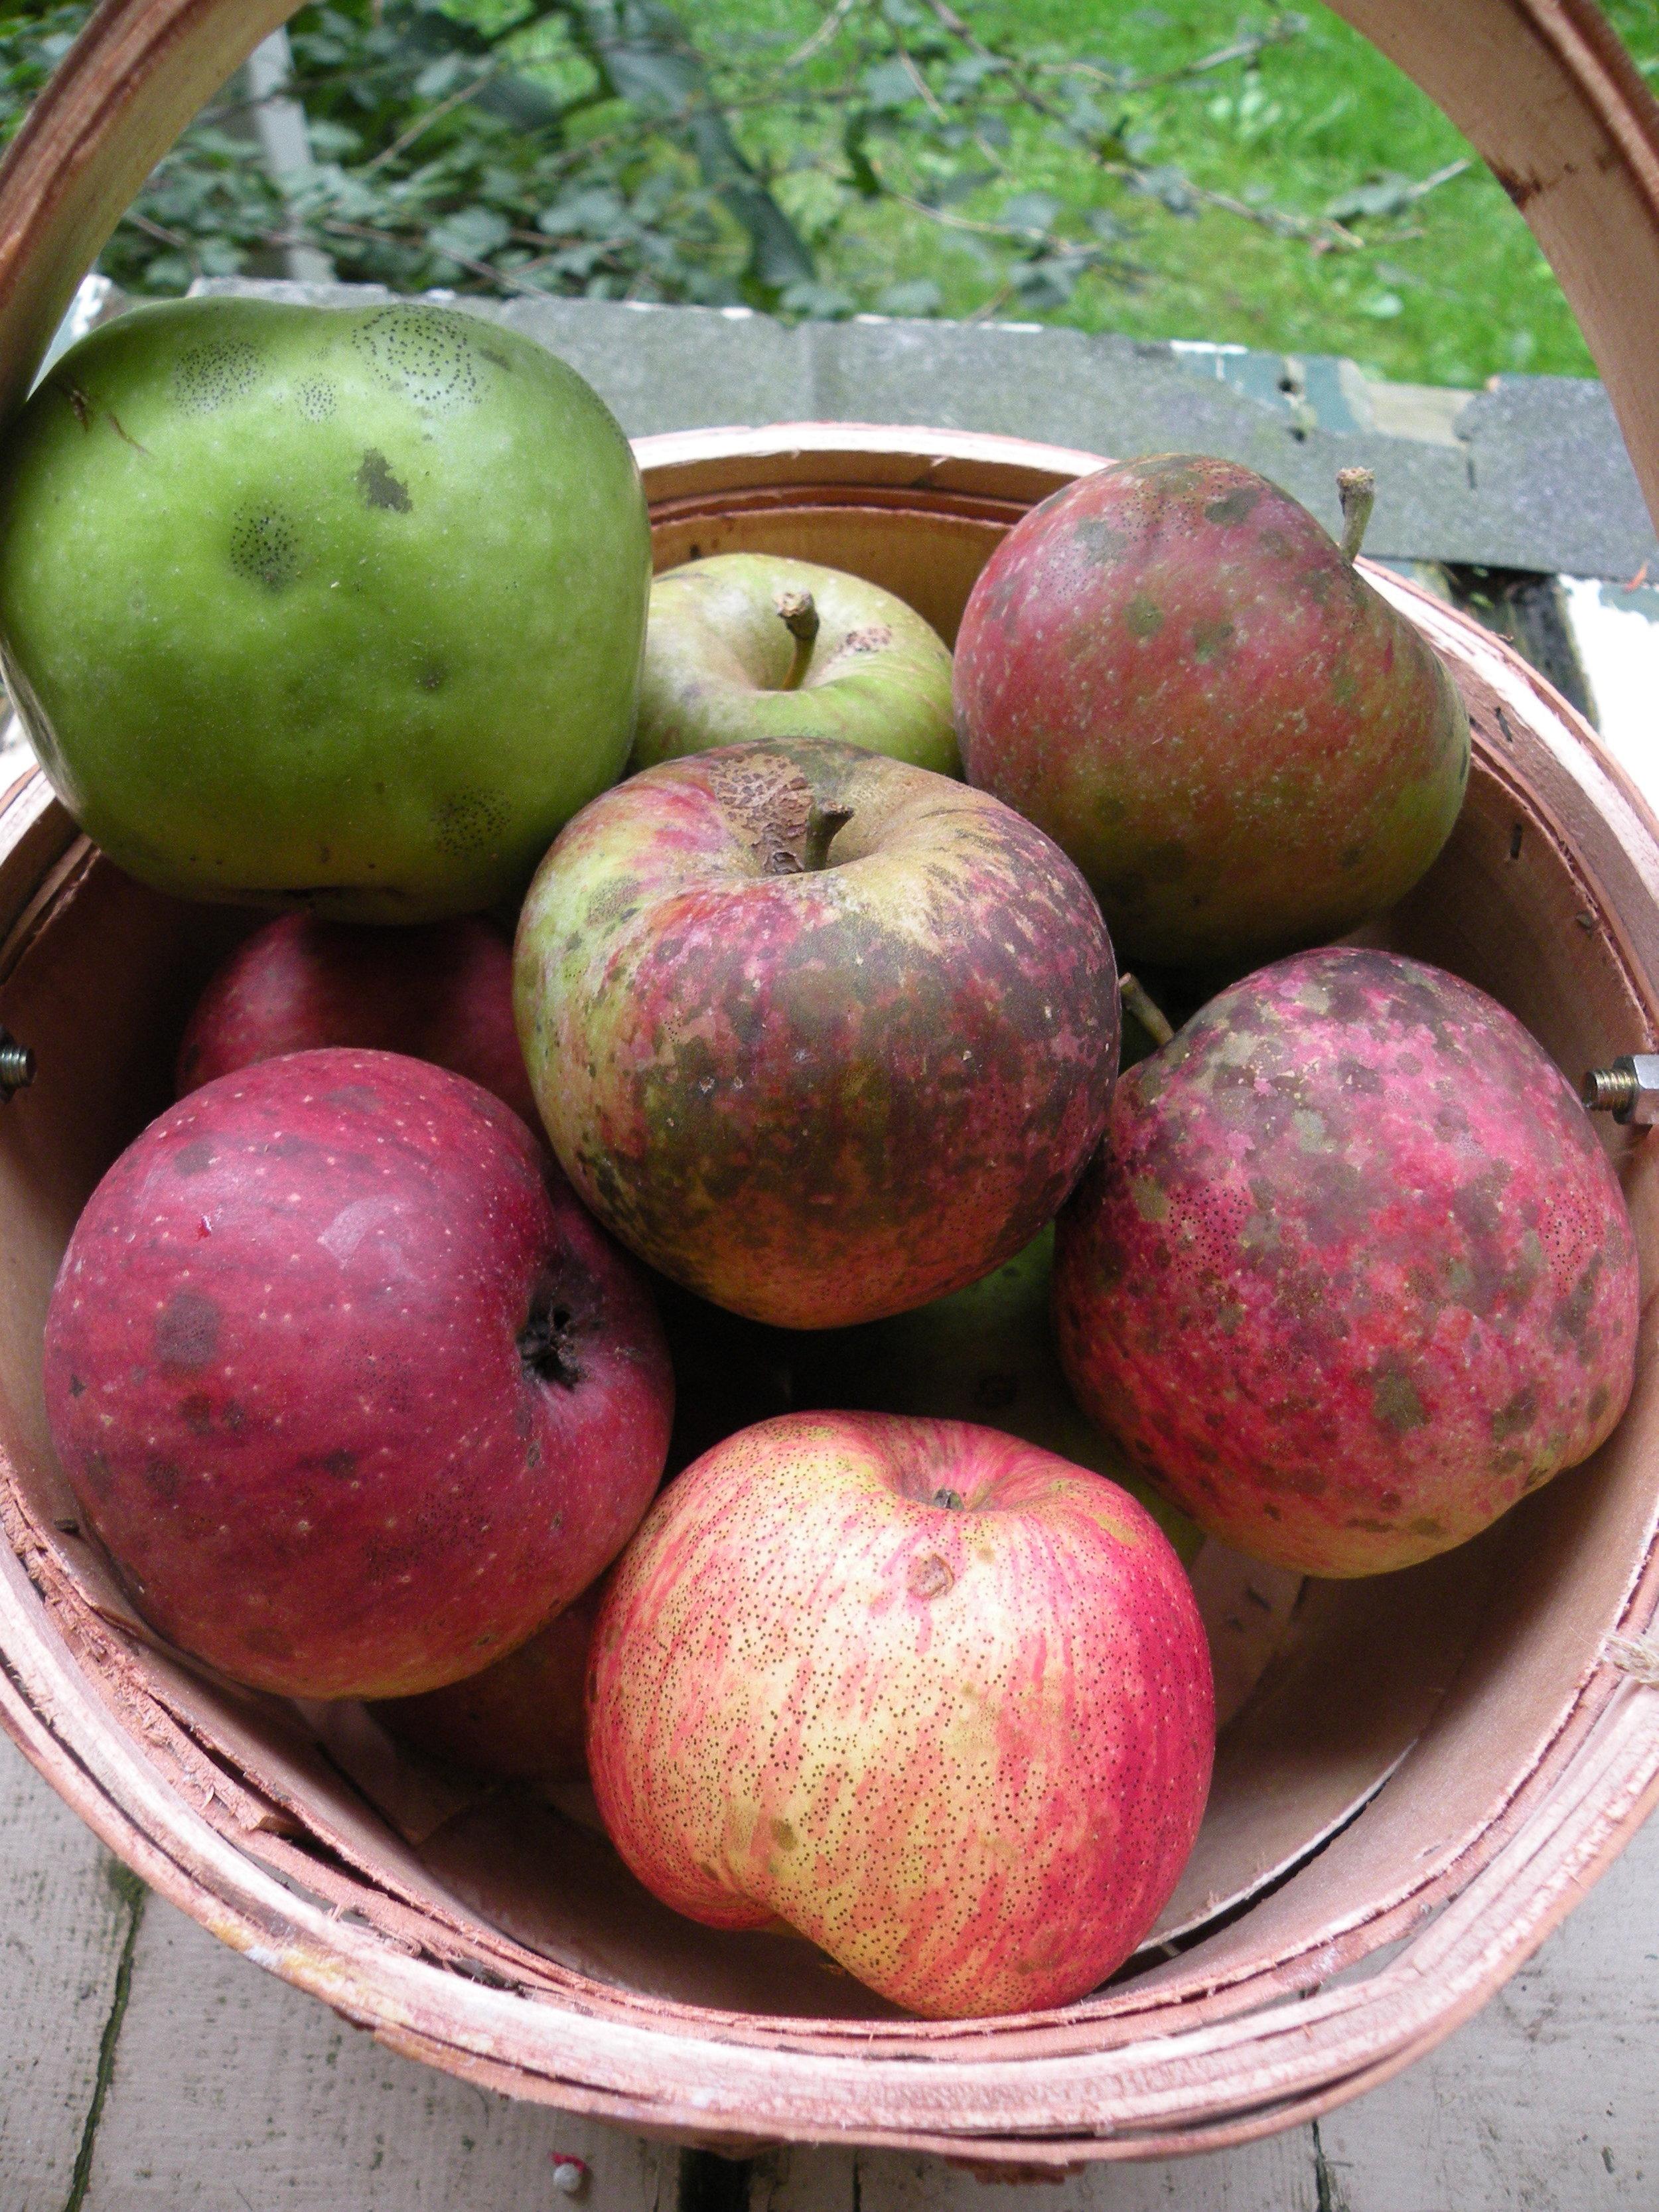 mixed basket of heirloom apples 9 - 25 = 16.jpg